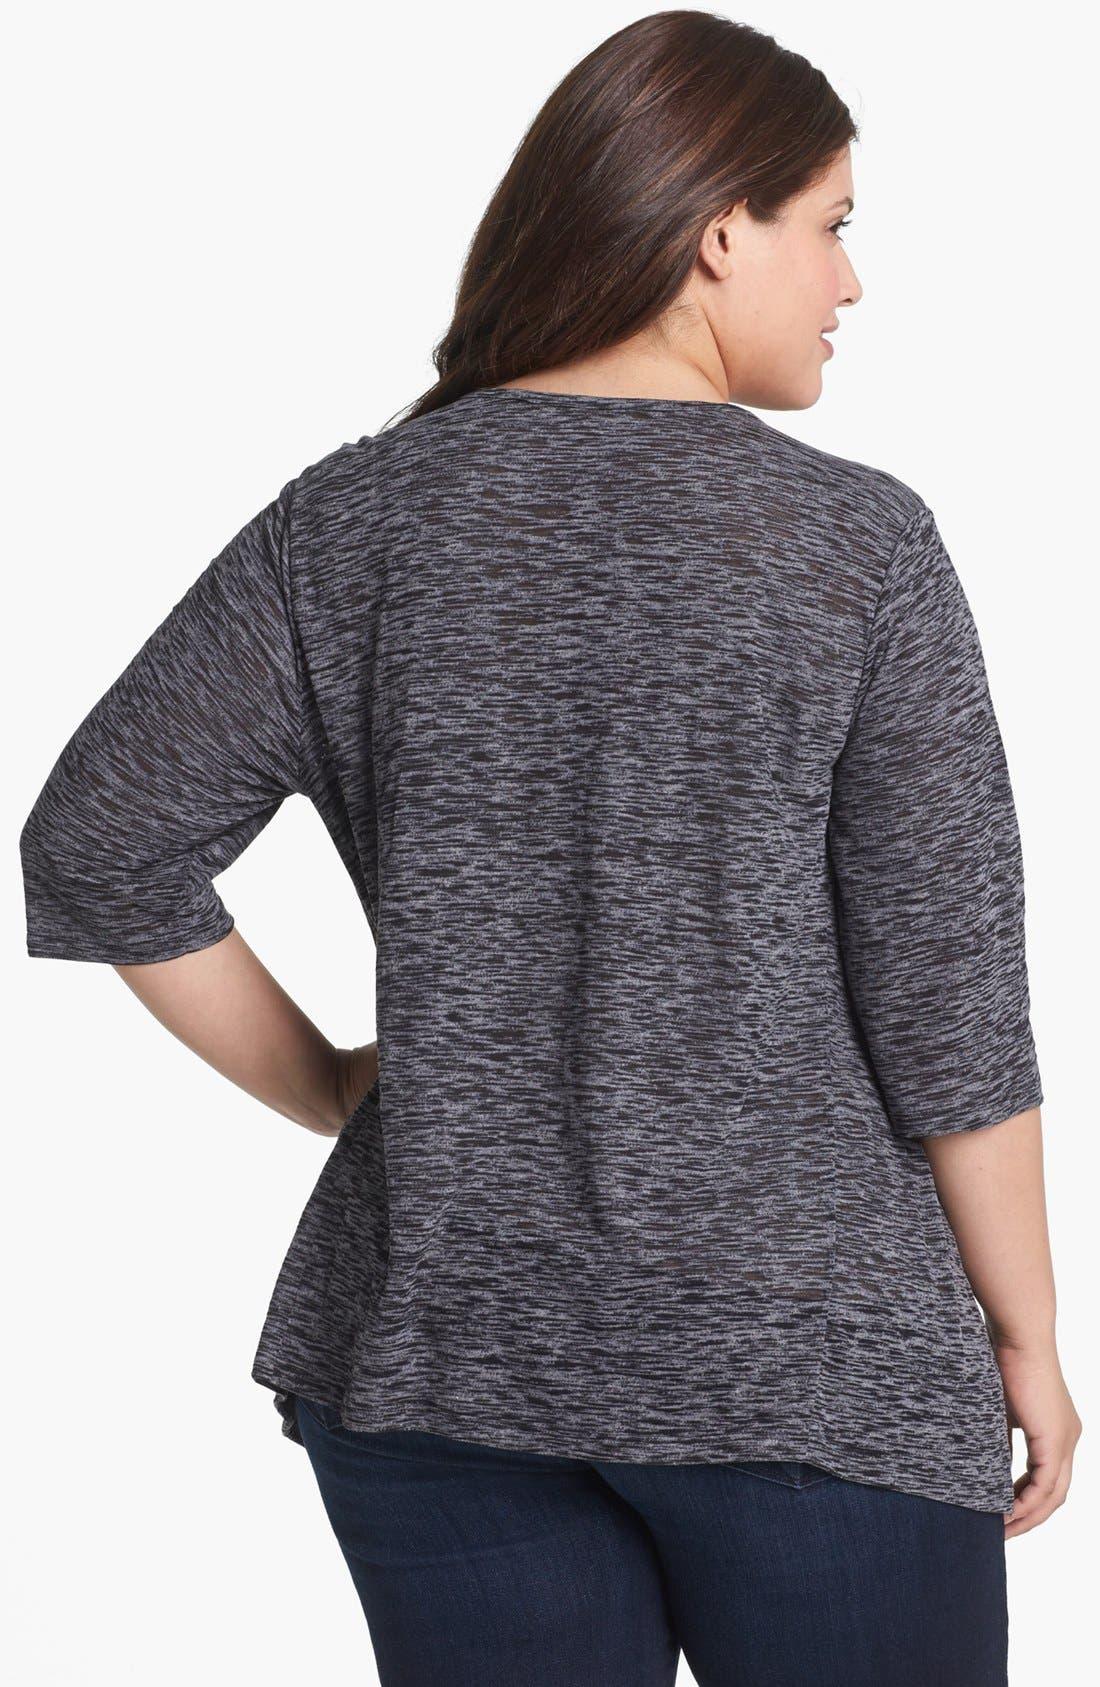 Alternate Image 2  - Sejour Slubbed Jersey Top (Plus Size)